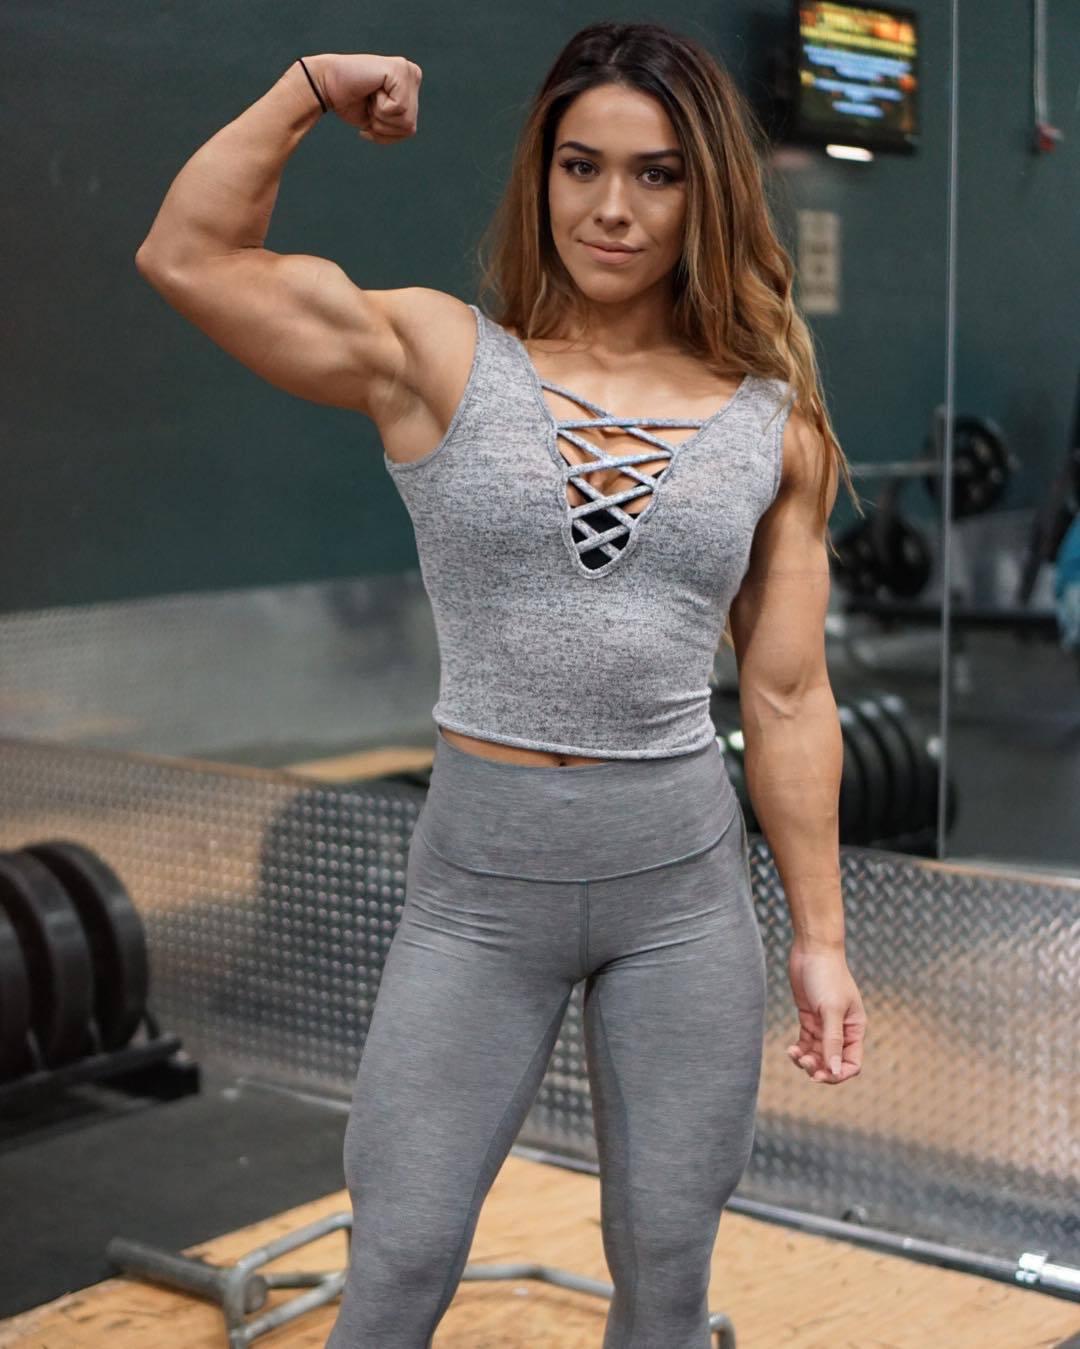 Gym Porn 90